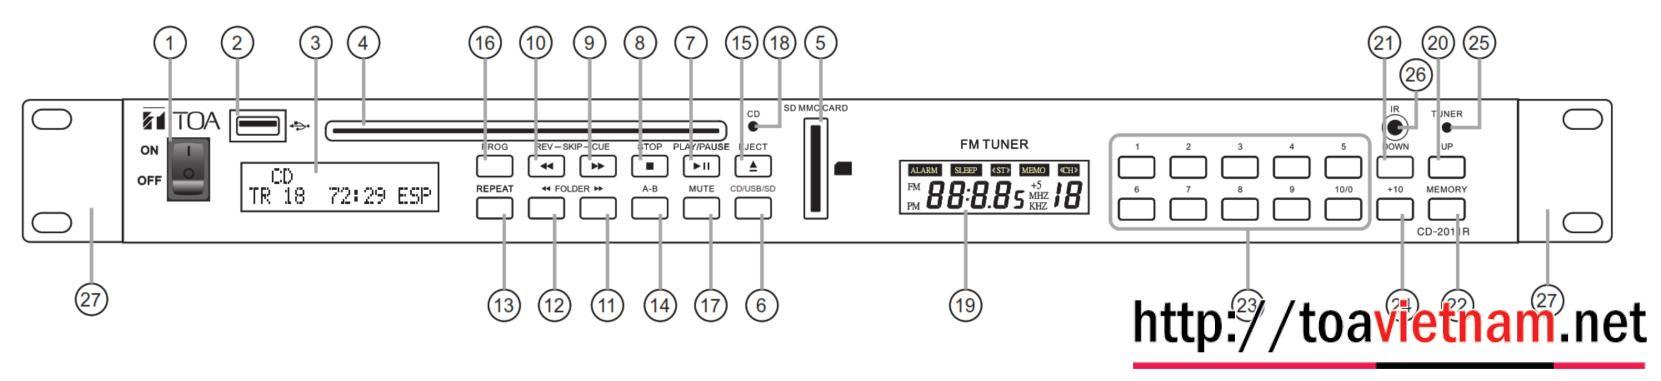 Hướng dẫn sử dụng, lắp đặt CD-2011R